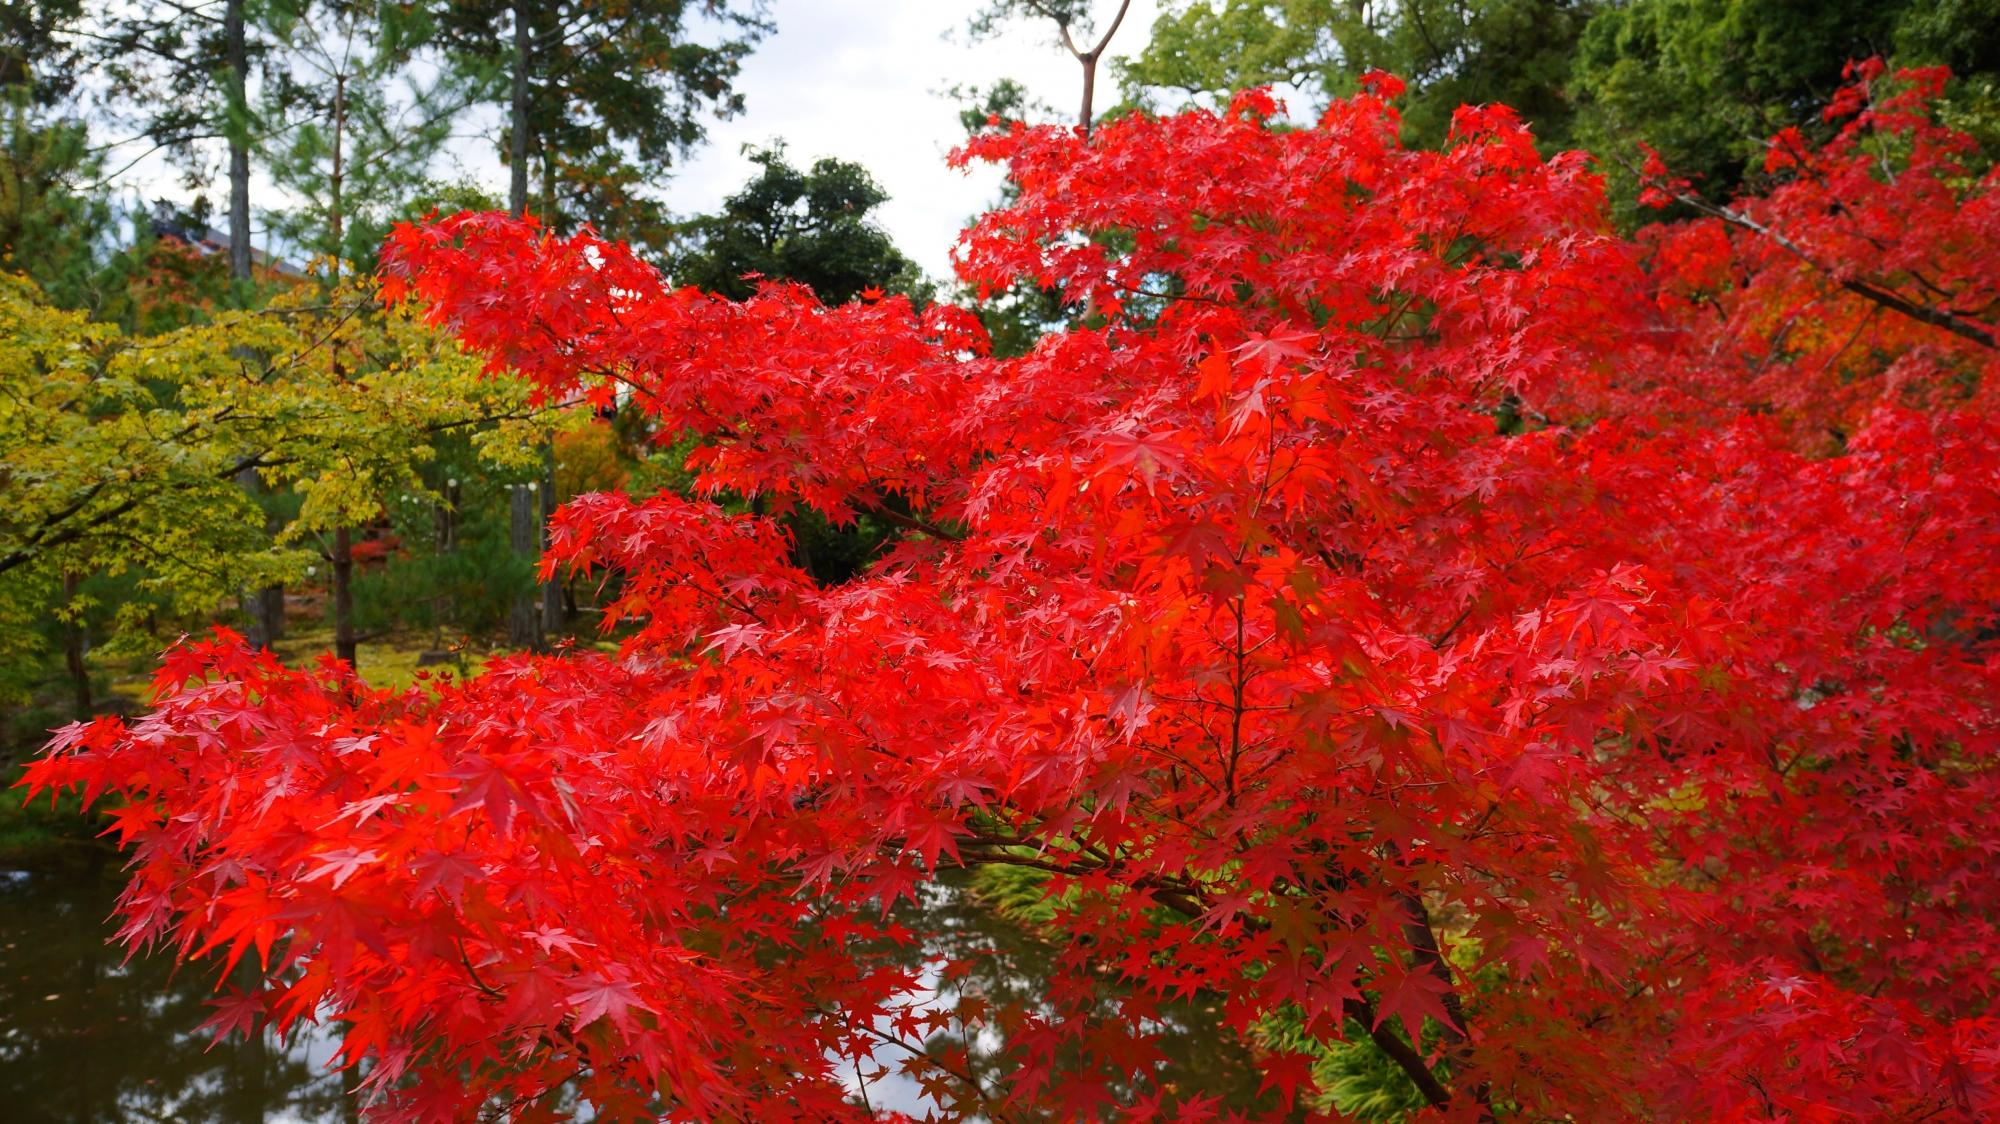 等持院の溢れる艶やかな紅葉